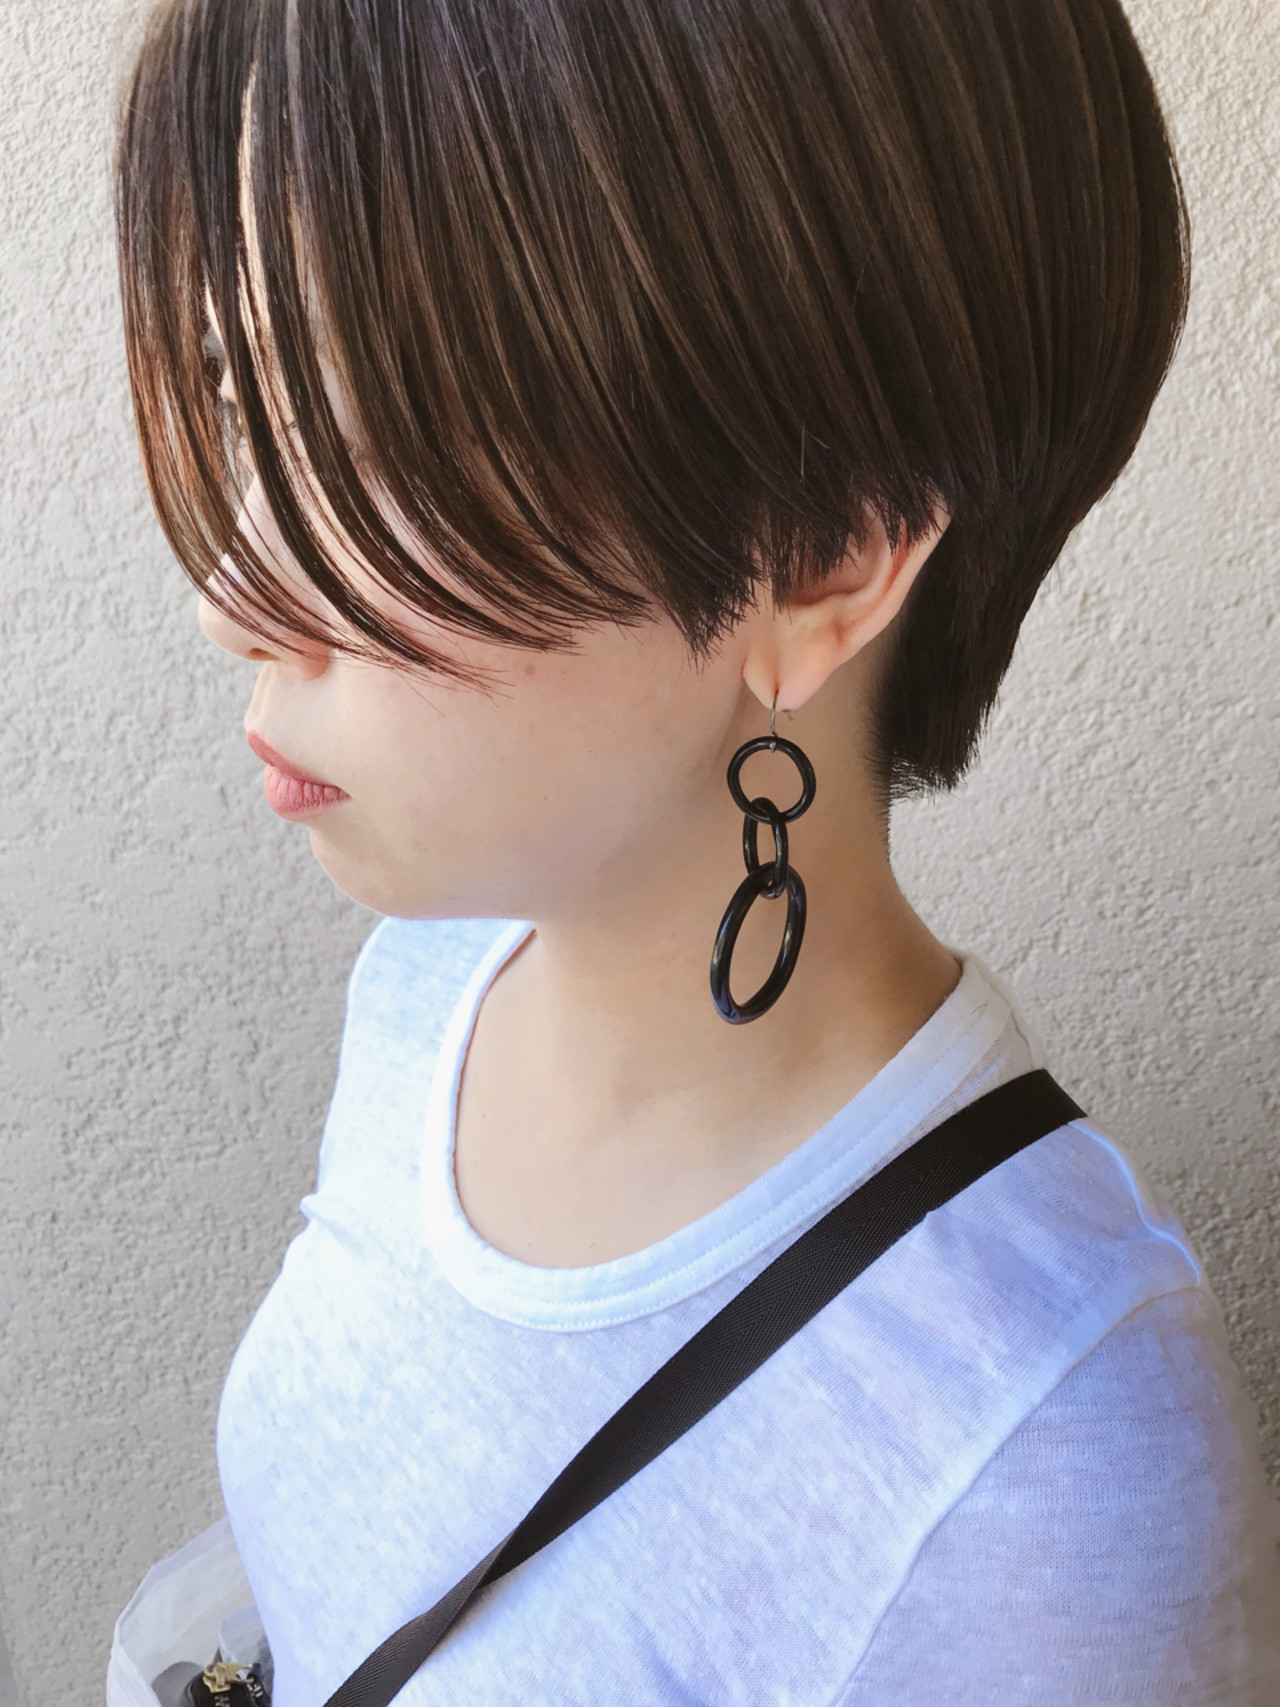 ヘアアレンジ ナチュラル ショート 涼しげ ヘアスタイルや髪型の写真・画像